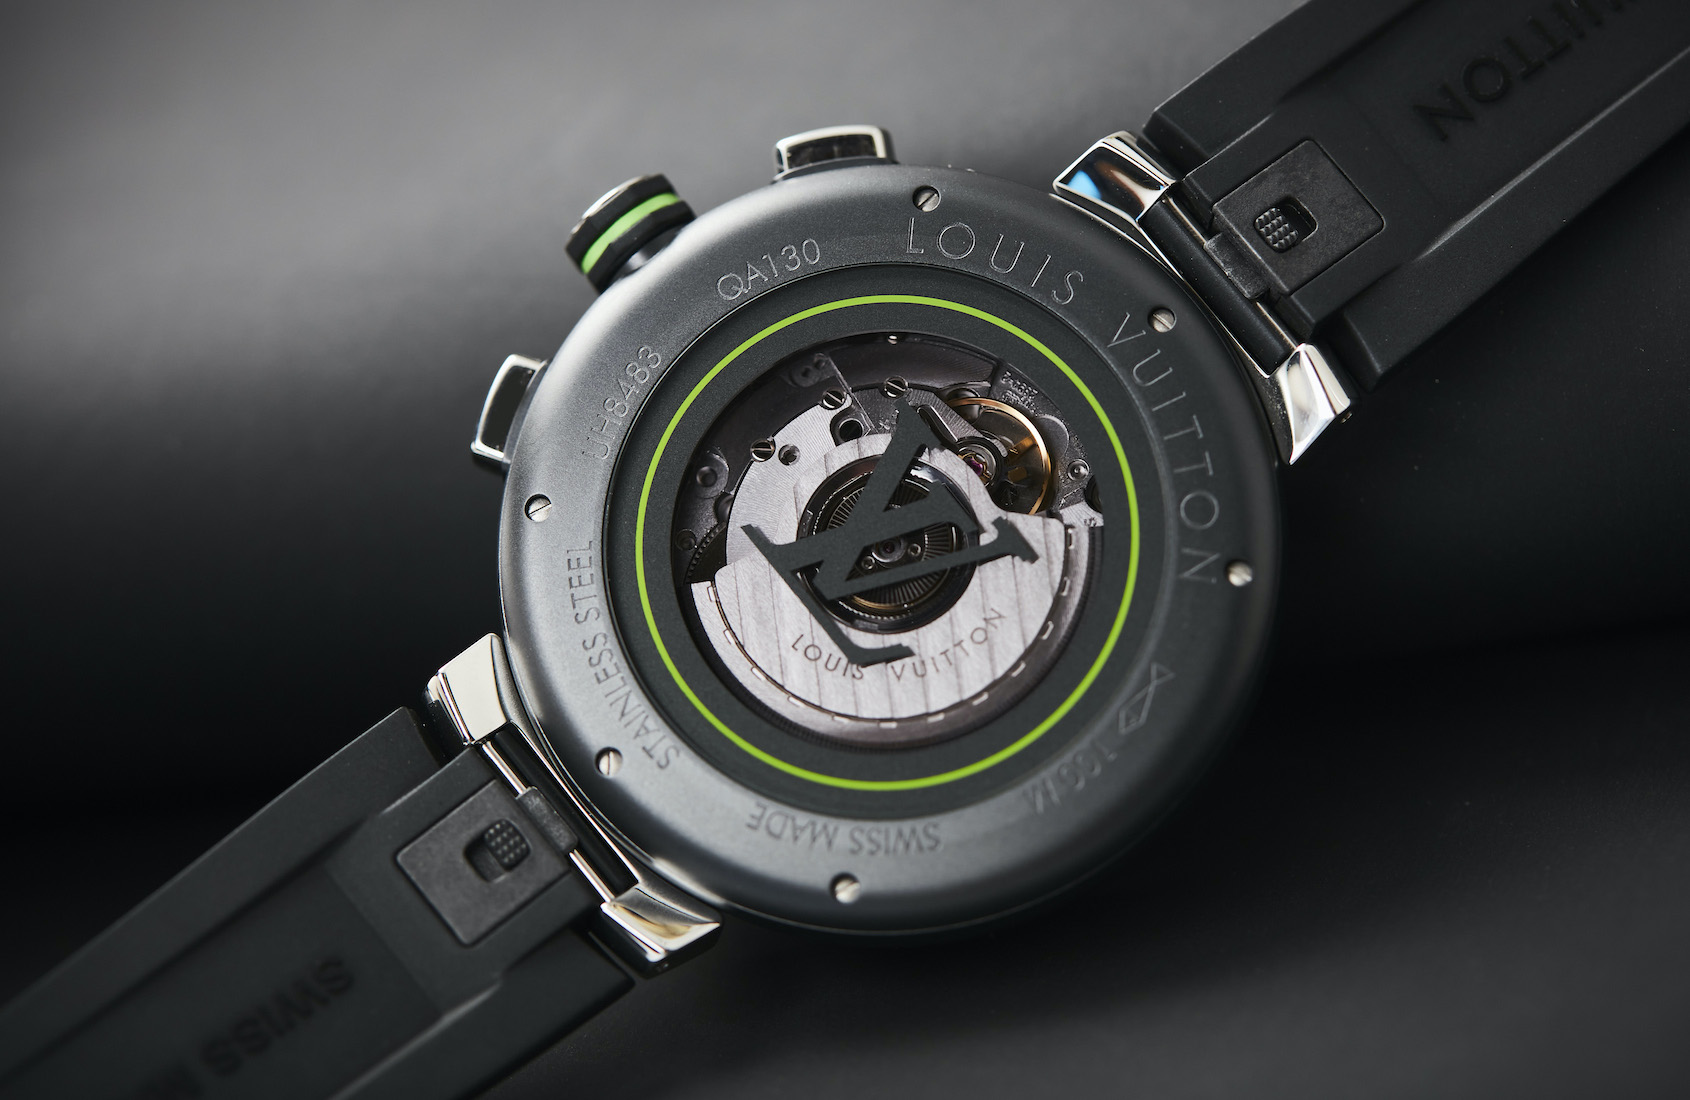 Louis Vuitton Tambour Damier Graphite Race Chronograph